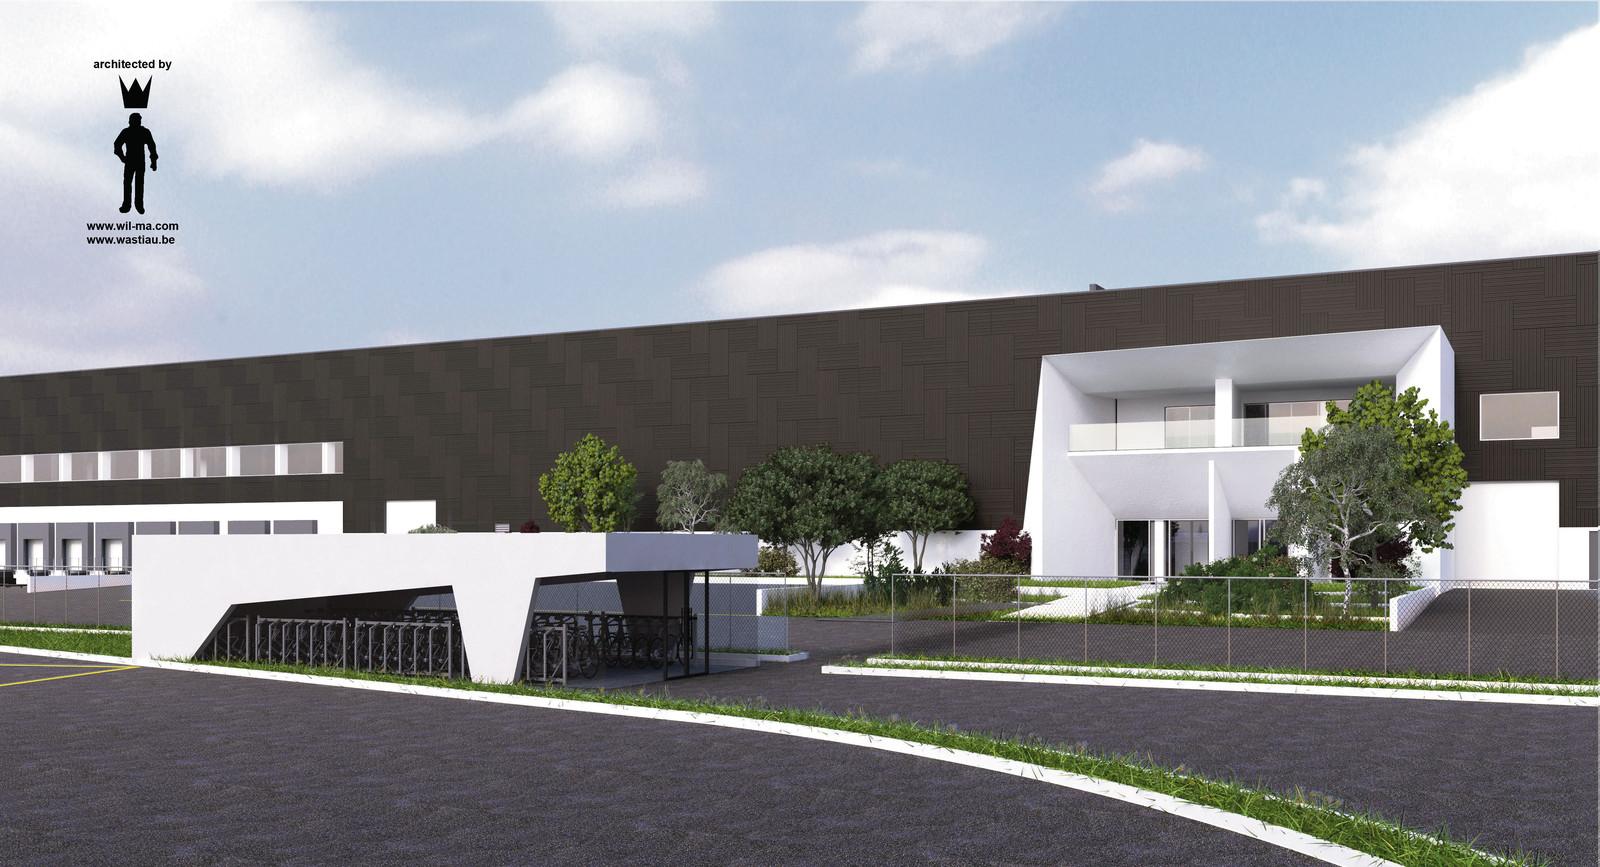 Zo wordt het Nederlandse distributiecentrum van MediaMarkt in Etten-Leur op industrieterein Vosdonk aan de Oude Kerkstraat. Tot 2016 was daar de fruit- en groentefabriek SVZ (Suiker Unie) gevestigd.